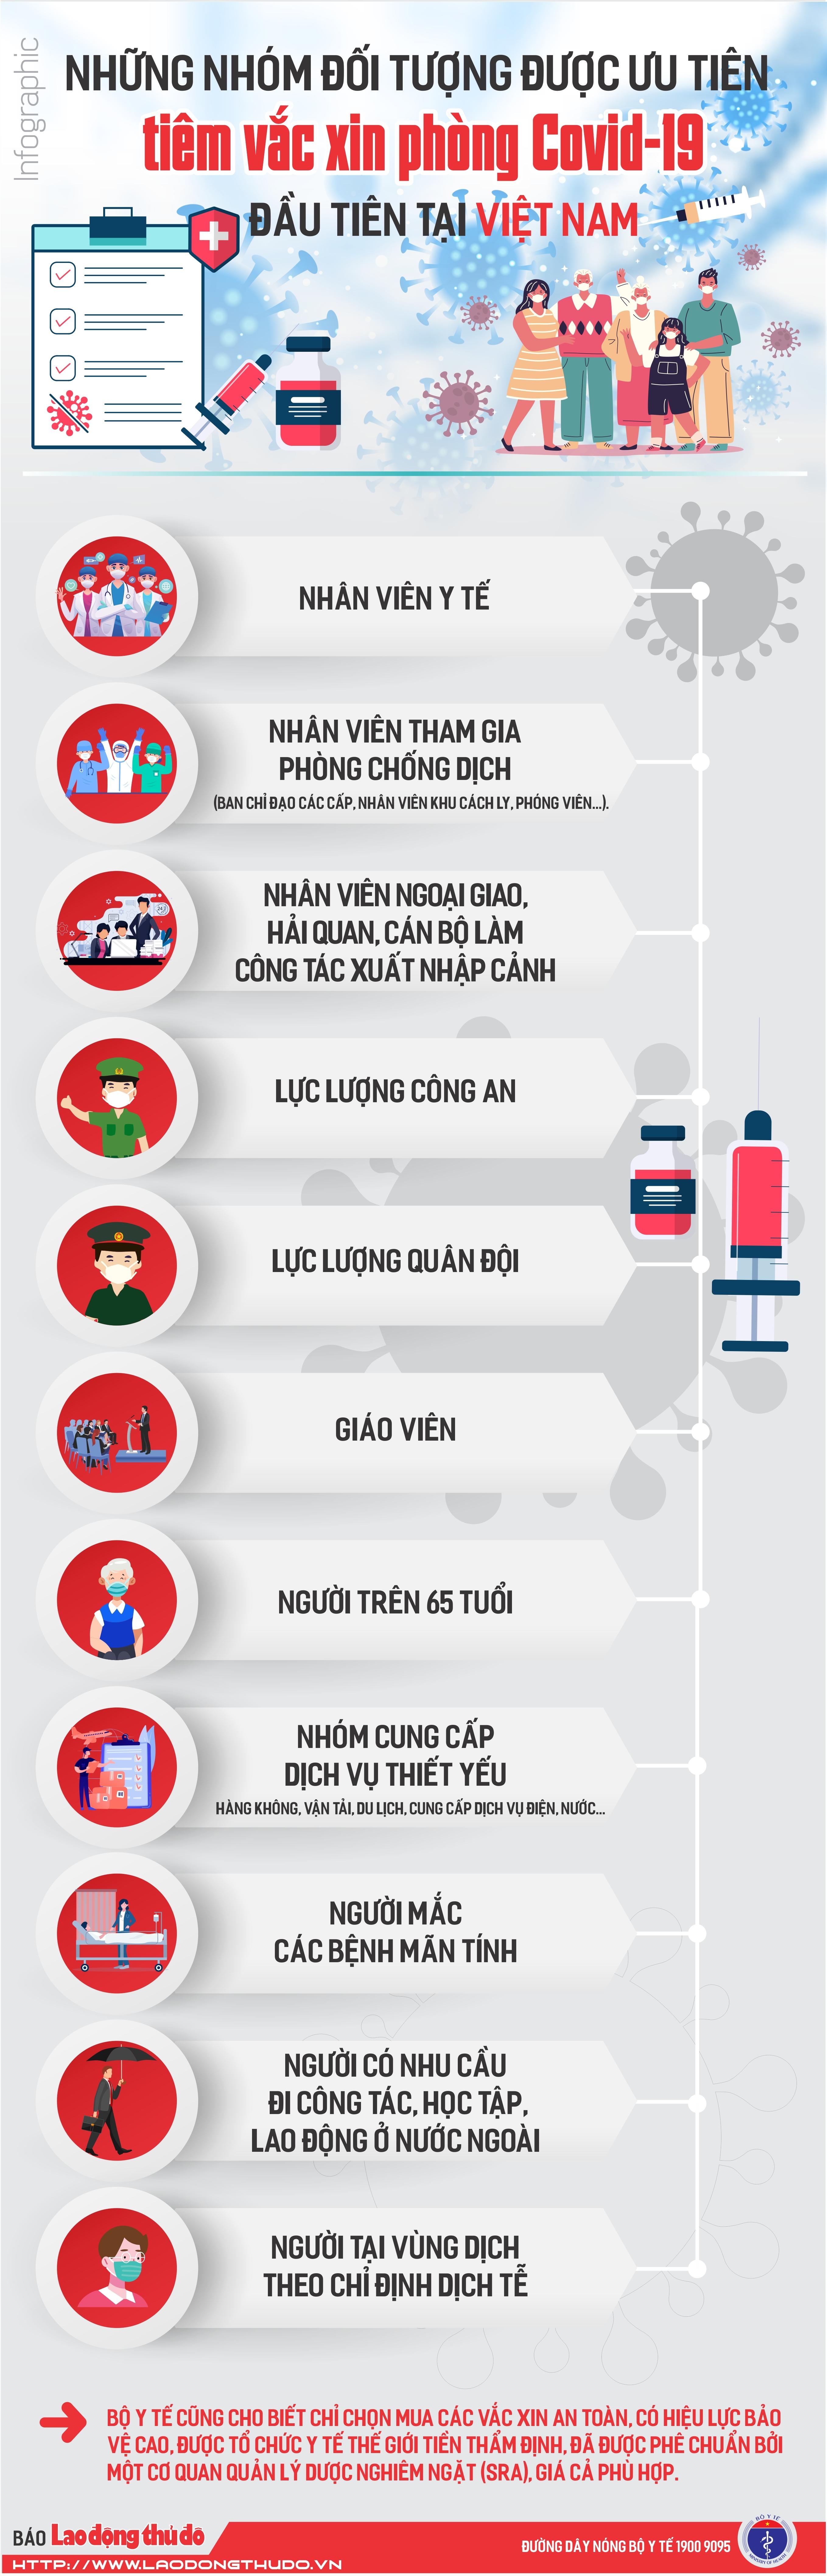 [INFOGRAPHIC] Những nhóm đối tượng được ưu tiên tiêm vắc xin phòng Covid-19 đầu tiên tại Việt Nam